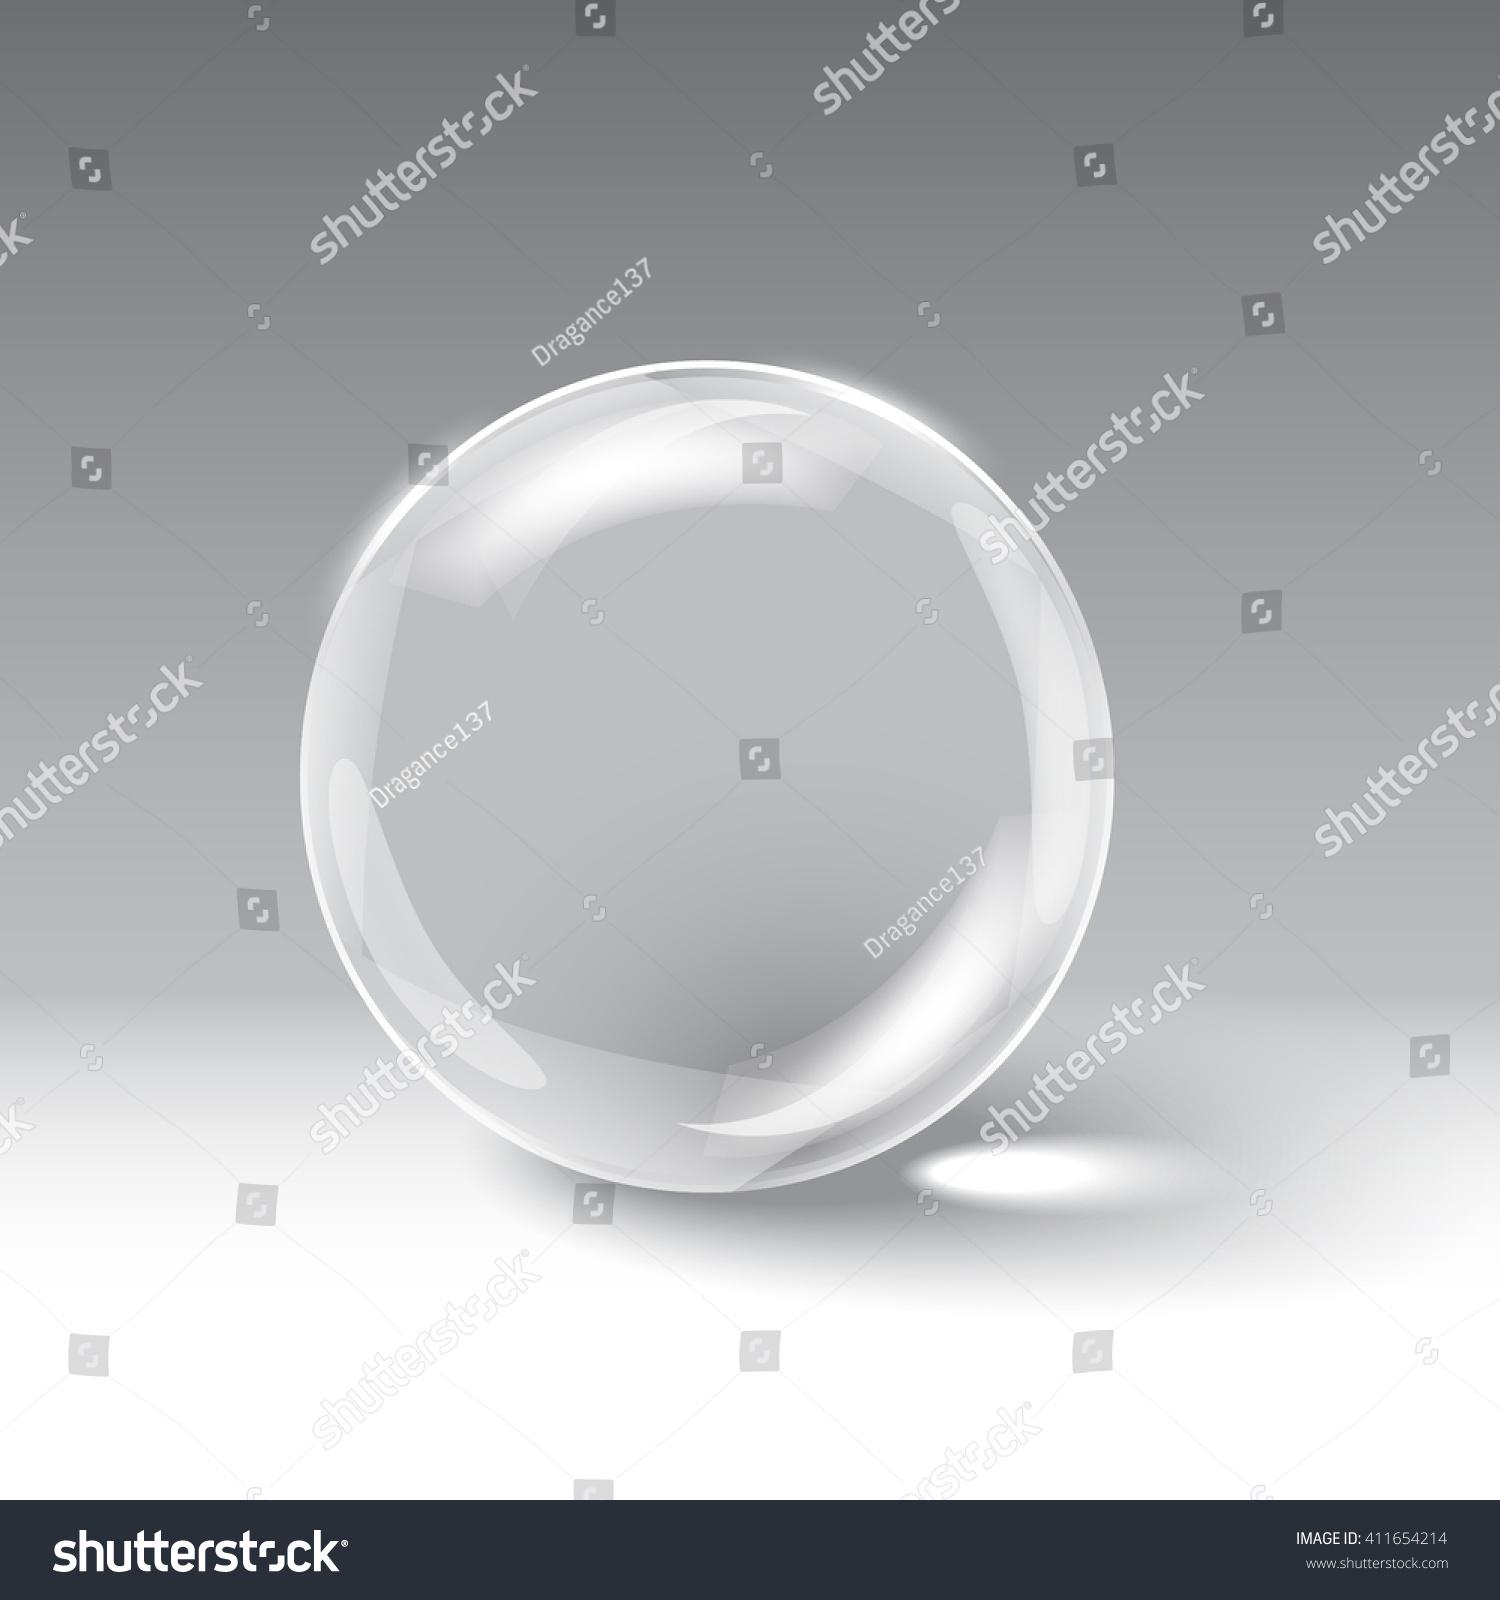 3d Glass Sphere Vector Illustration Stock Vector 411654214